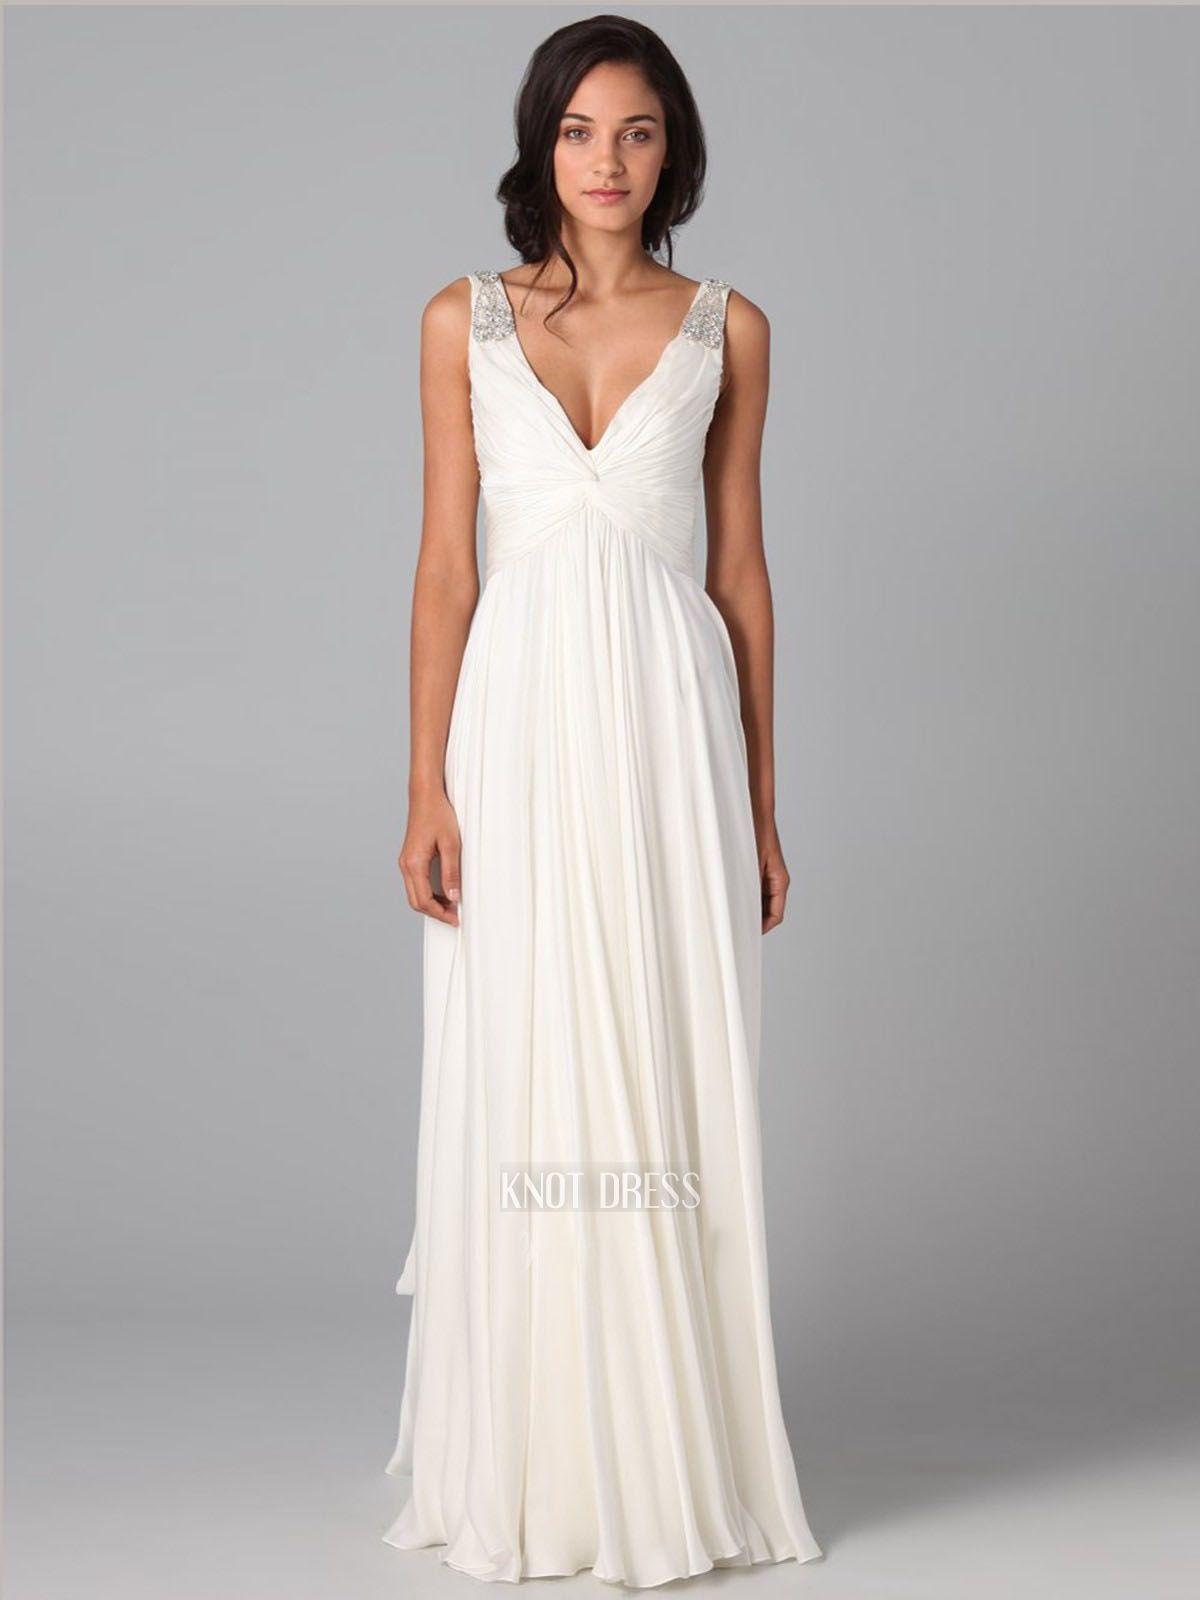 White Elegant Dresses - Dresses 2017